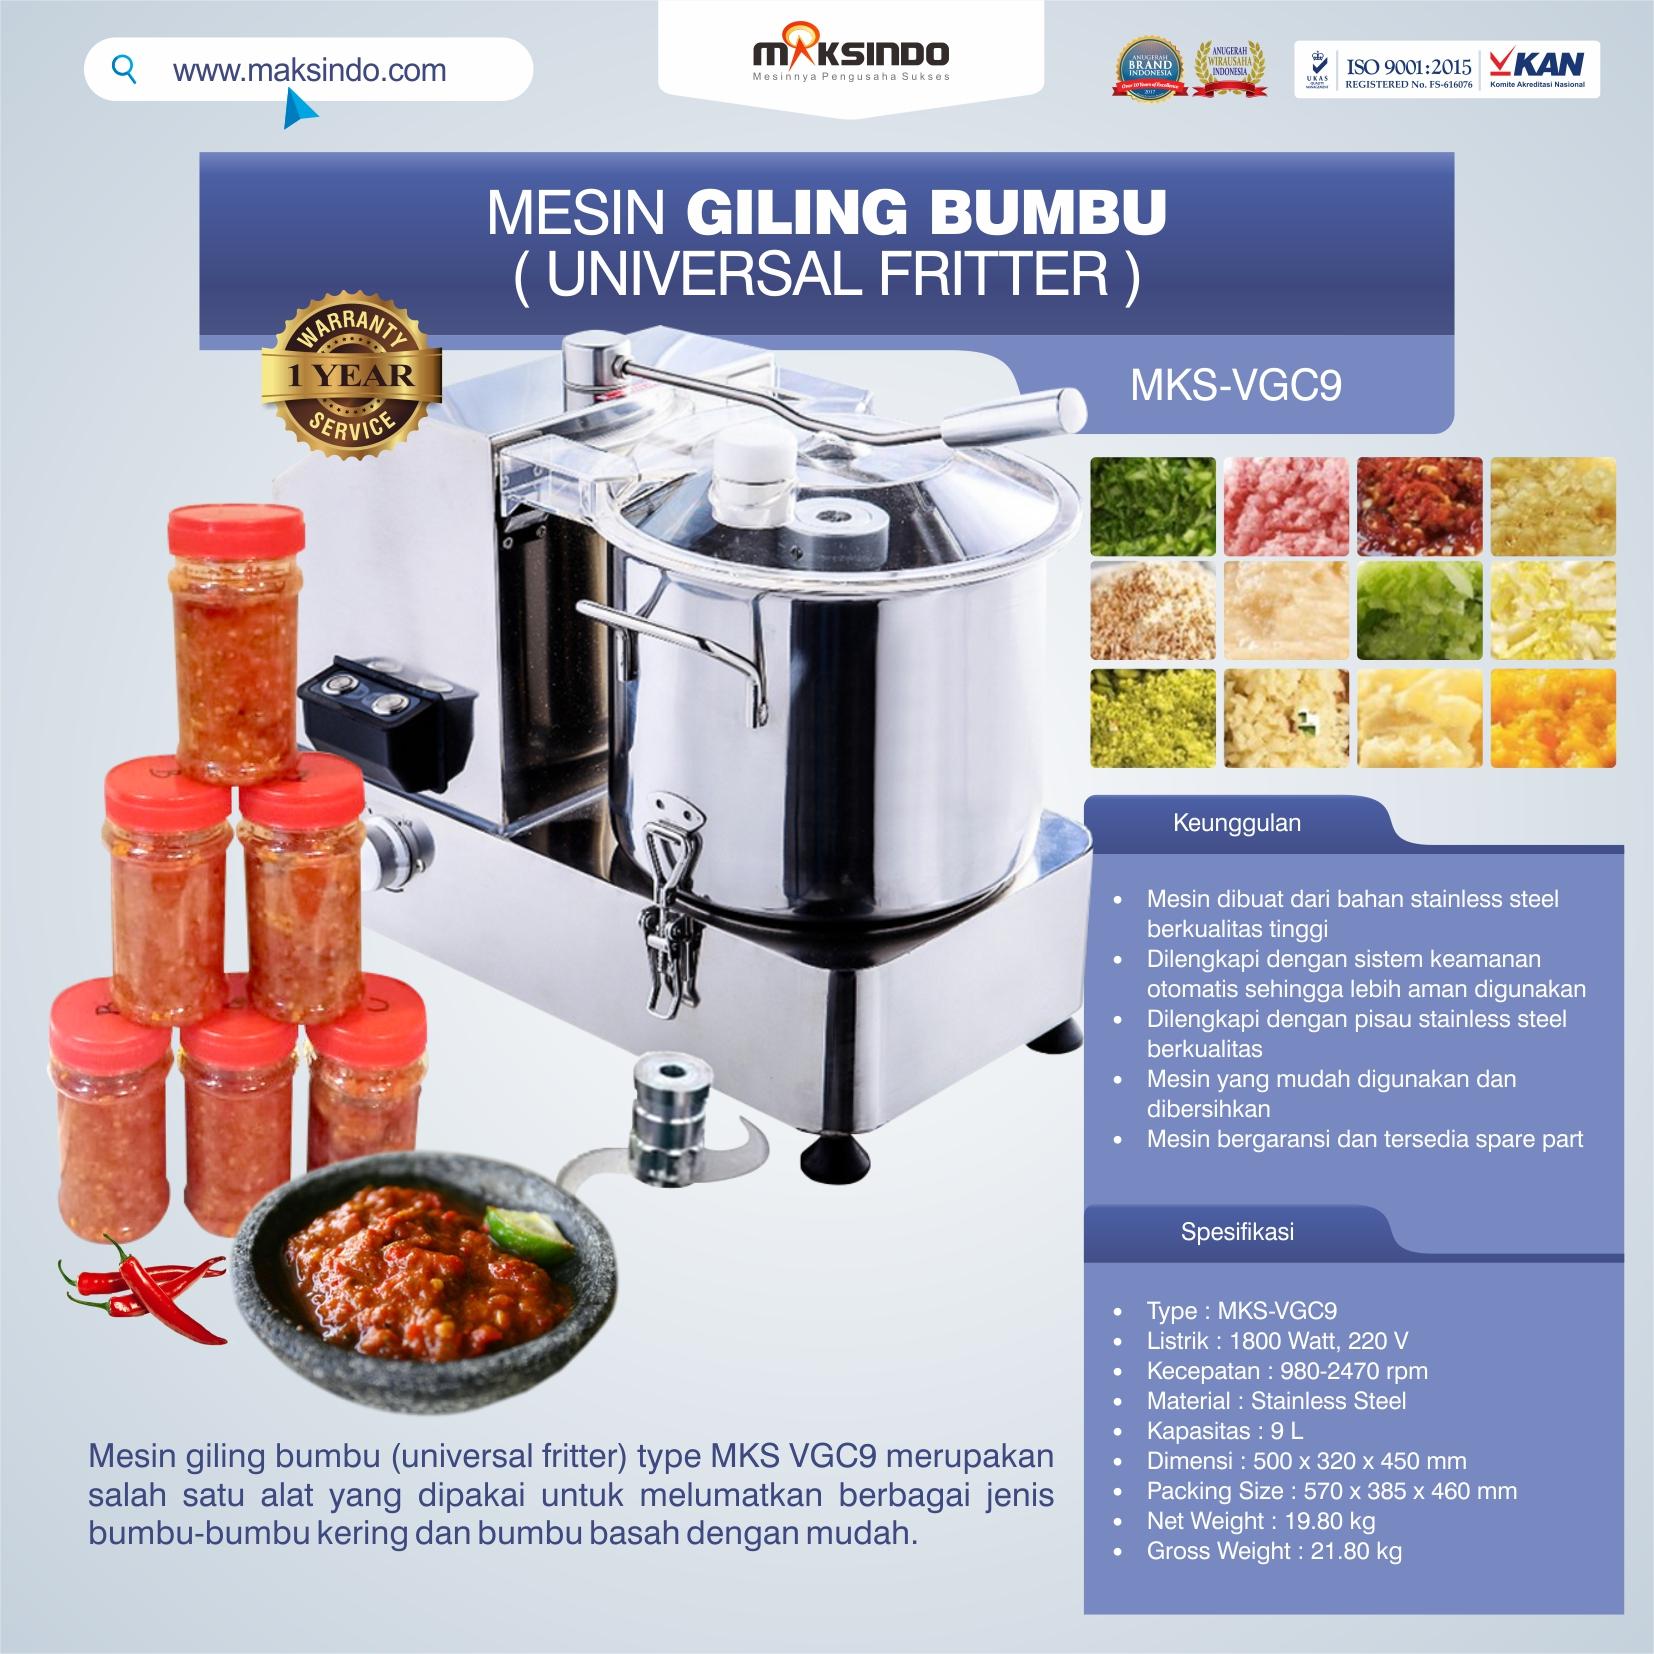 Jual Mesin Giling Bumbu (Universal Fritter) MKS VGC9 di Banjarmasin